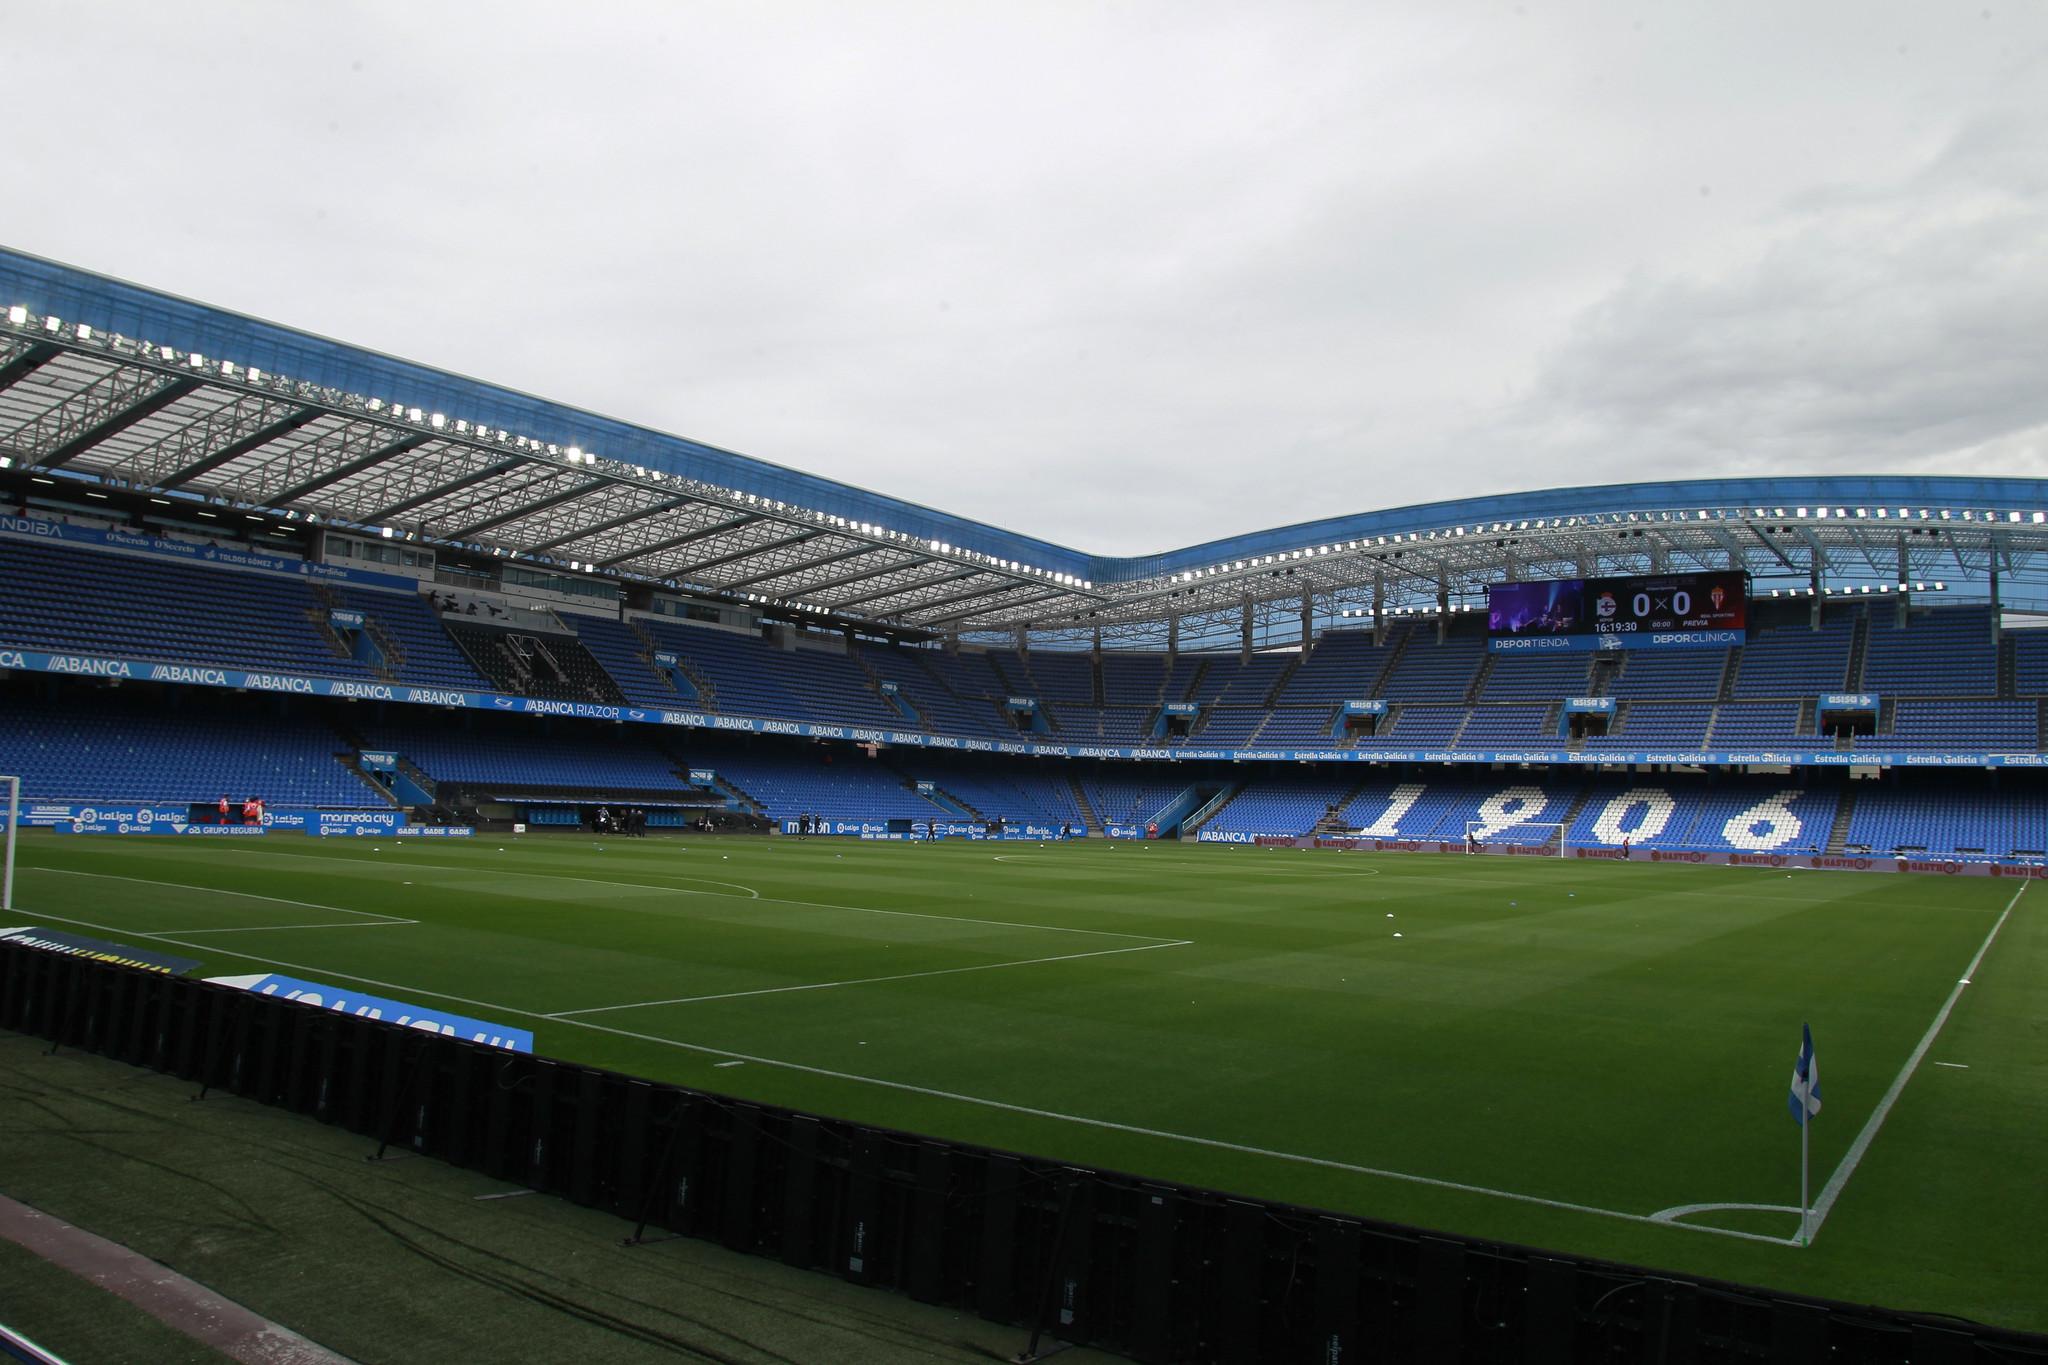 El estadio coruñés es uno de los símbolos del Depor.